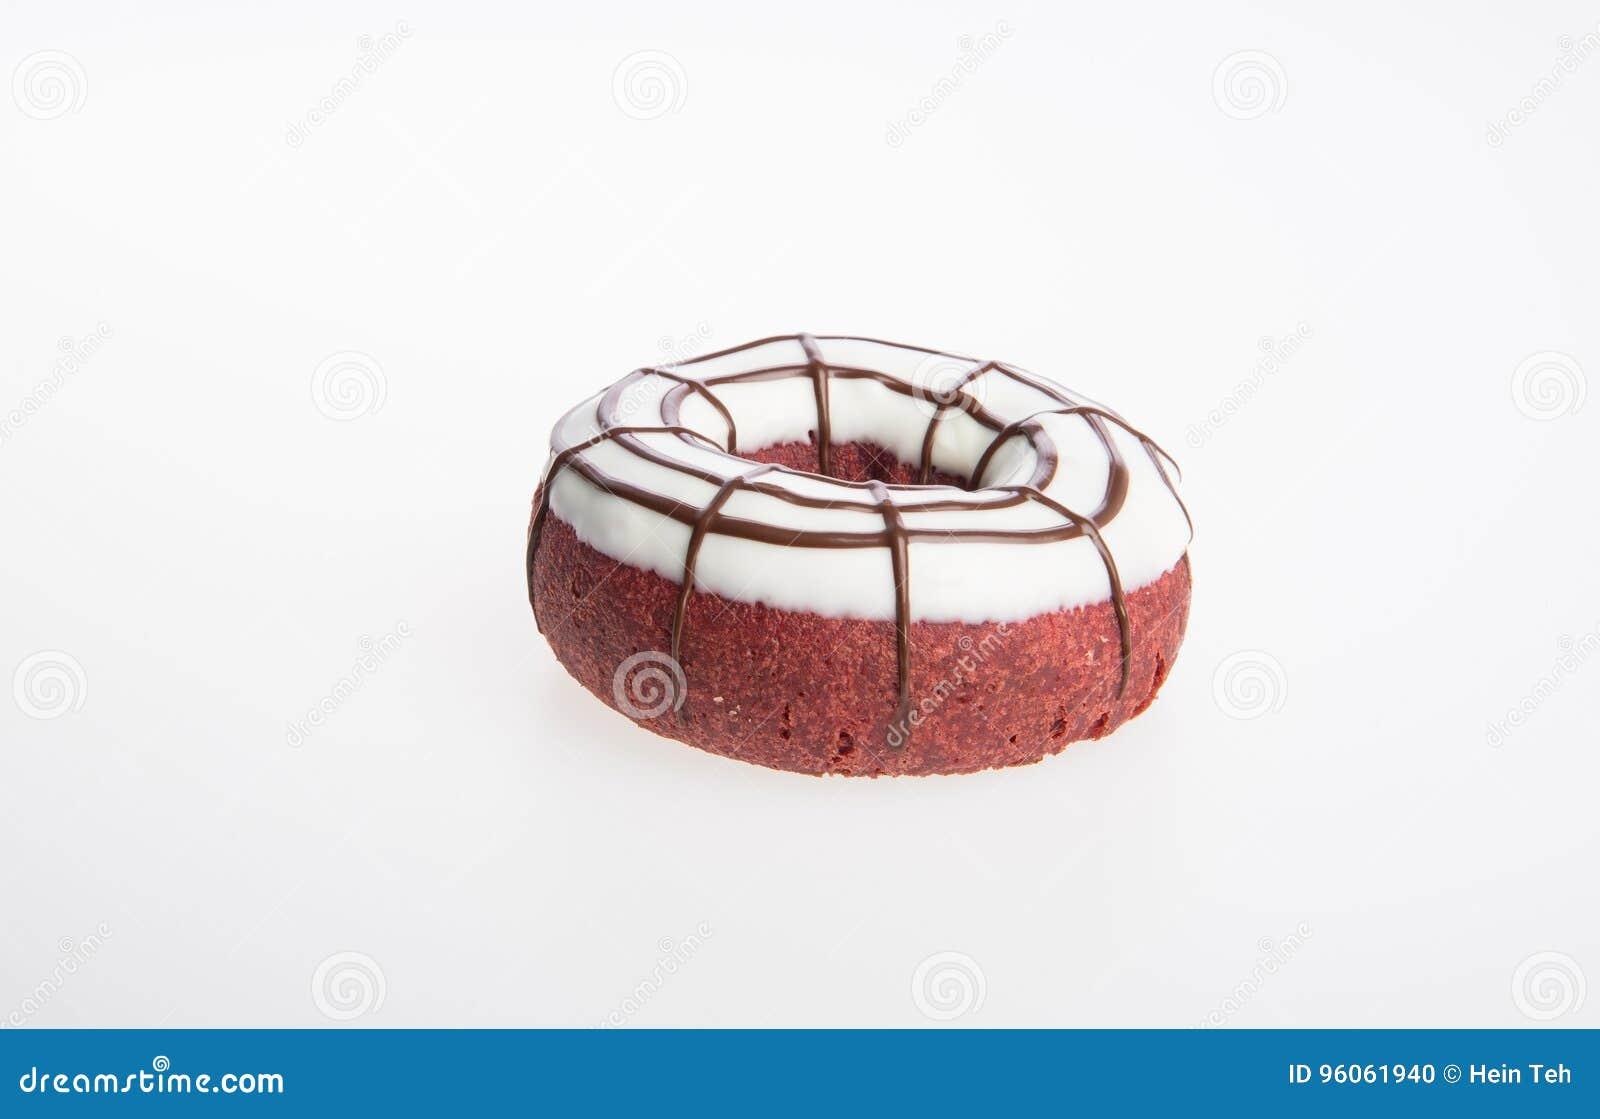 Beignet ou beignet de chocolat sur un fond